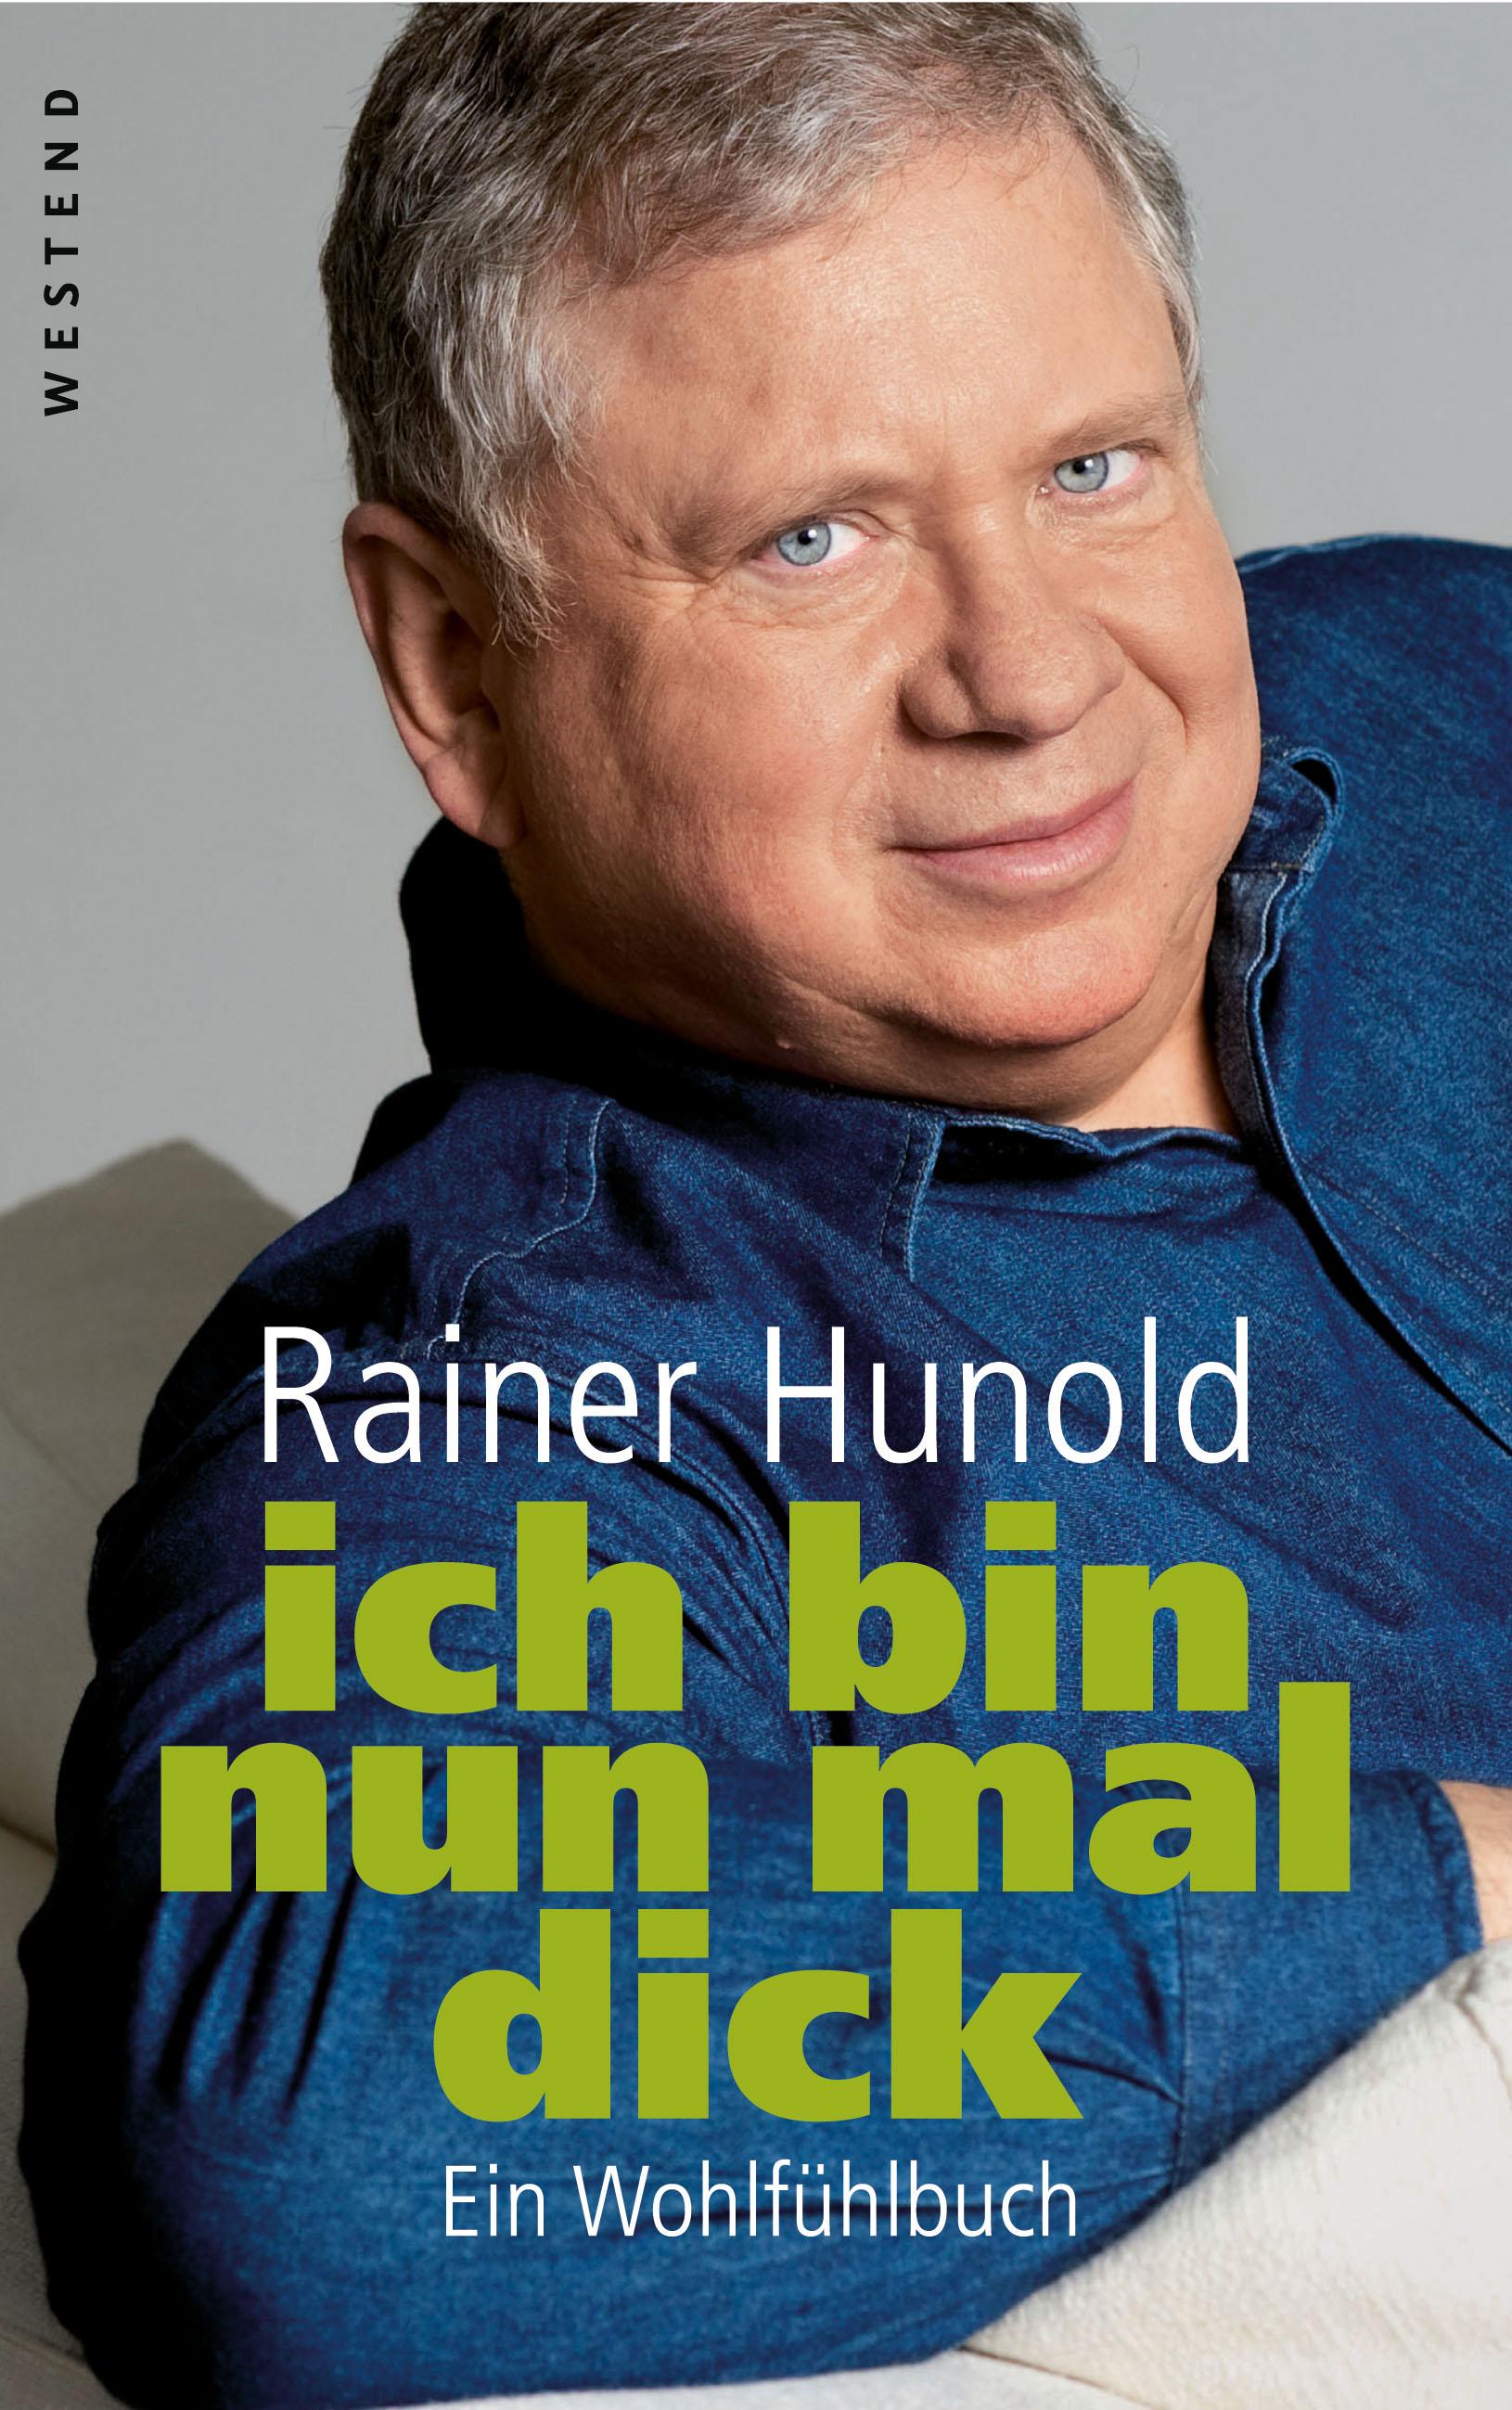 Reiner Hunold